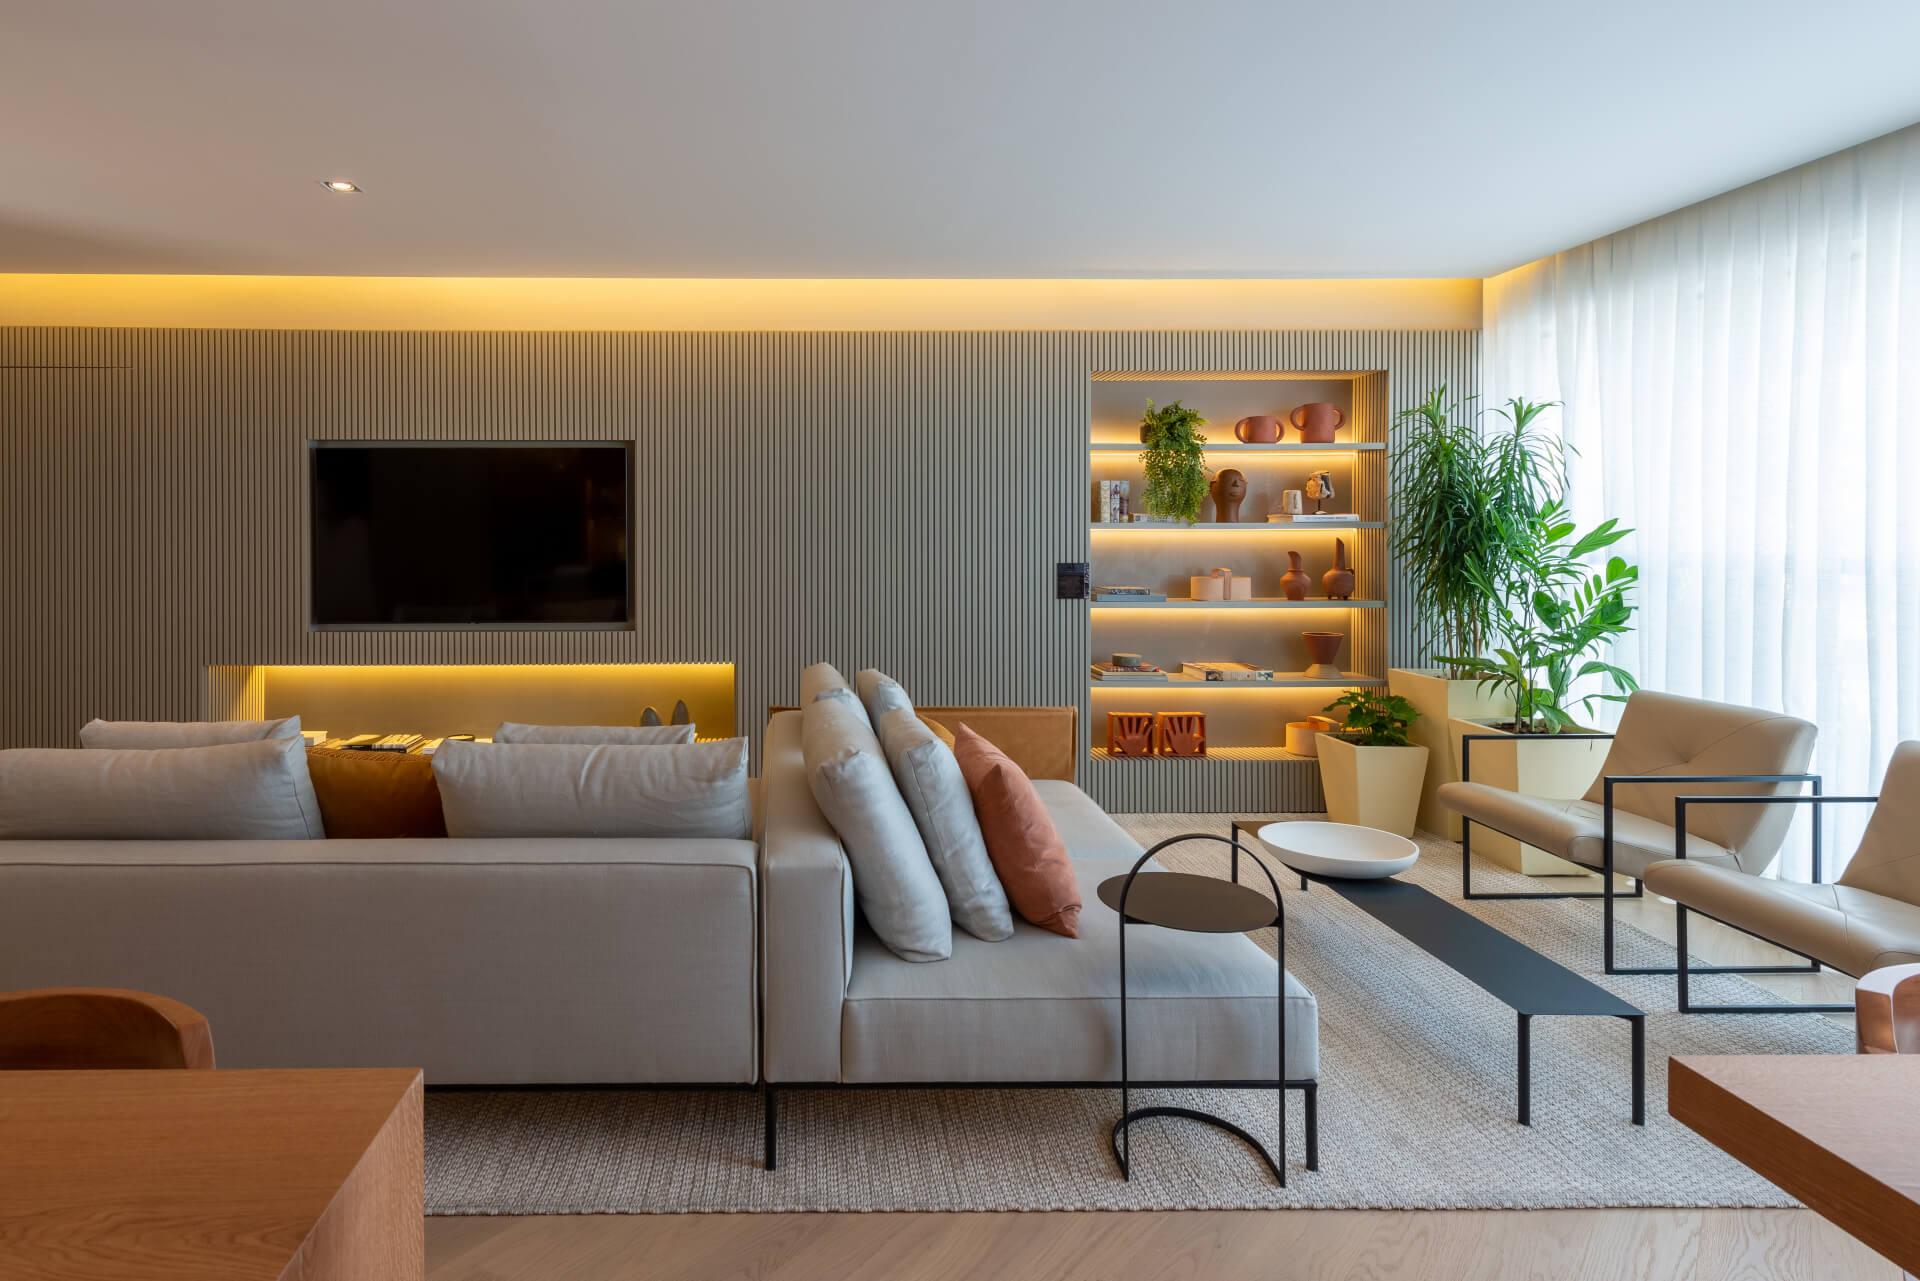 LIVING do apto de 140 m² integrado à varanda, com sugestão de mobiliários criando diferentes ambientes de estar.